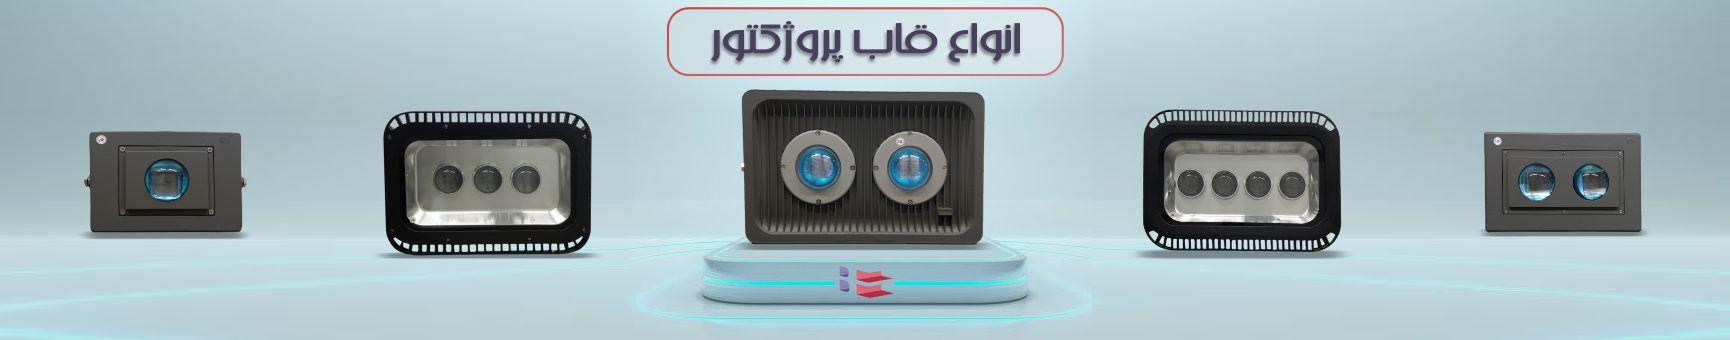 انواع پروژکتور و قاب پروژکتور  - باران الکترونیک